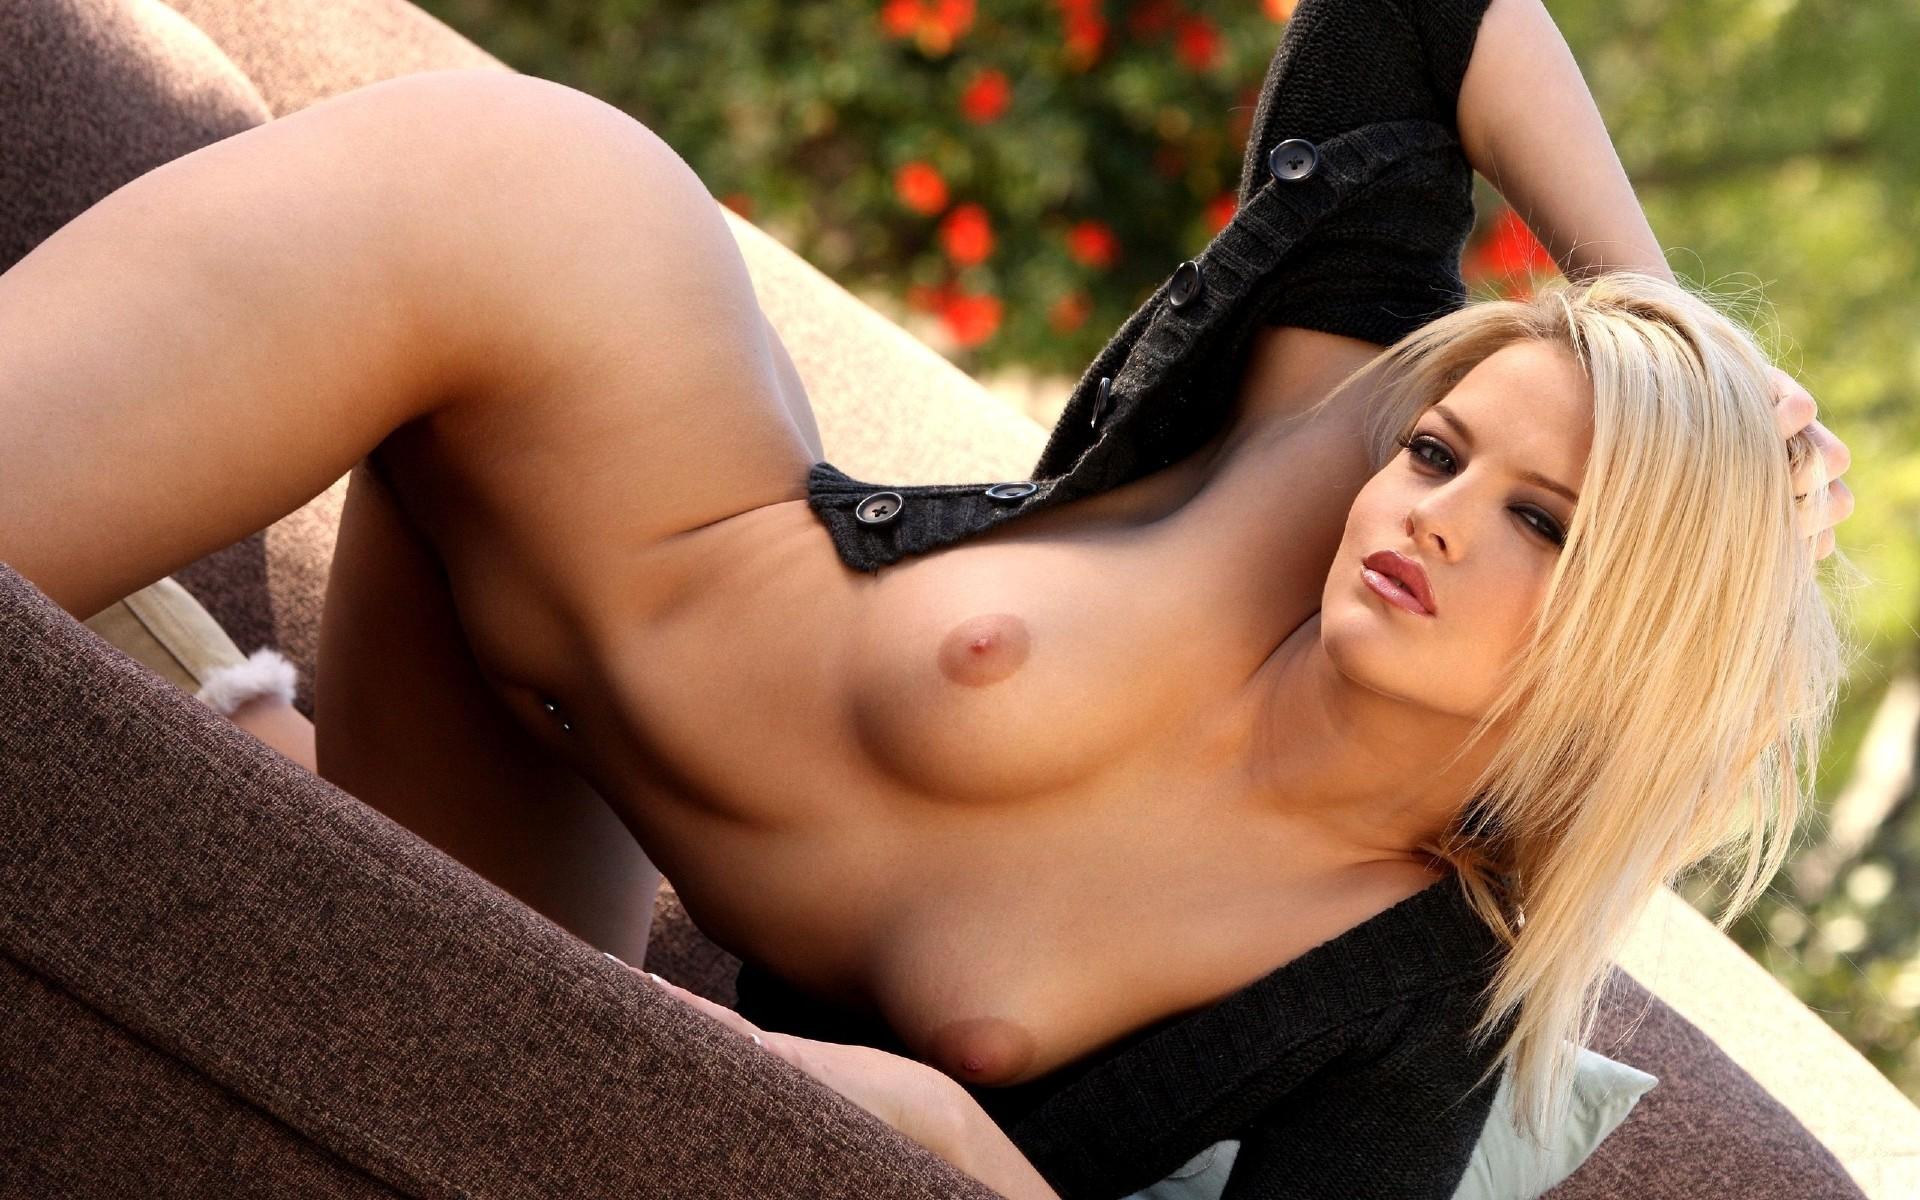 Эротические фото красивой блондинки 16 фотография